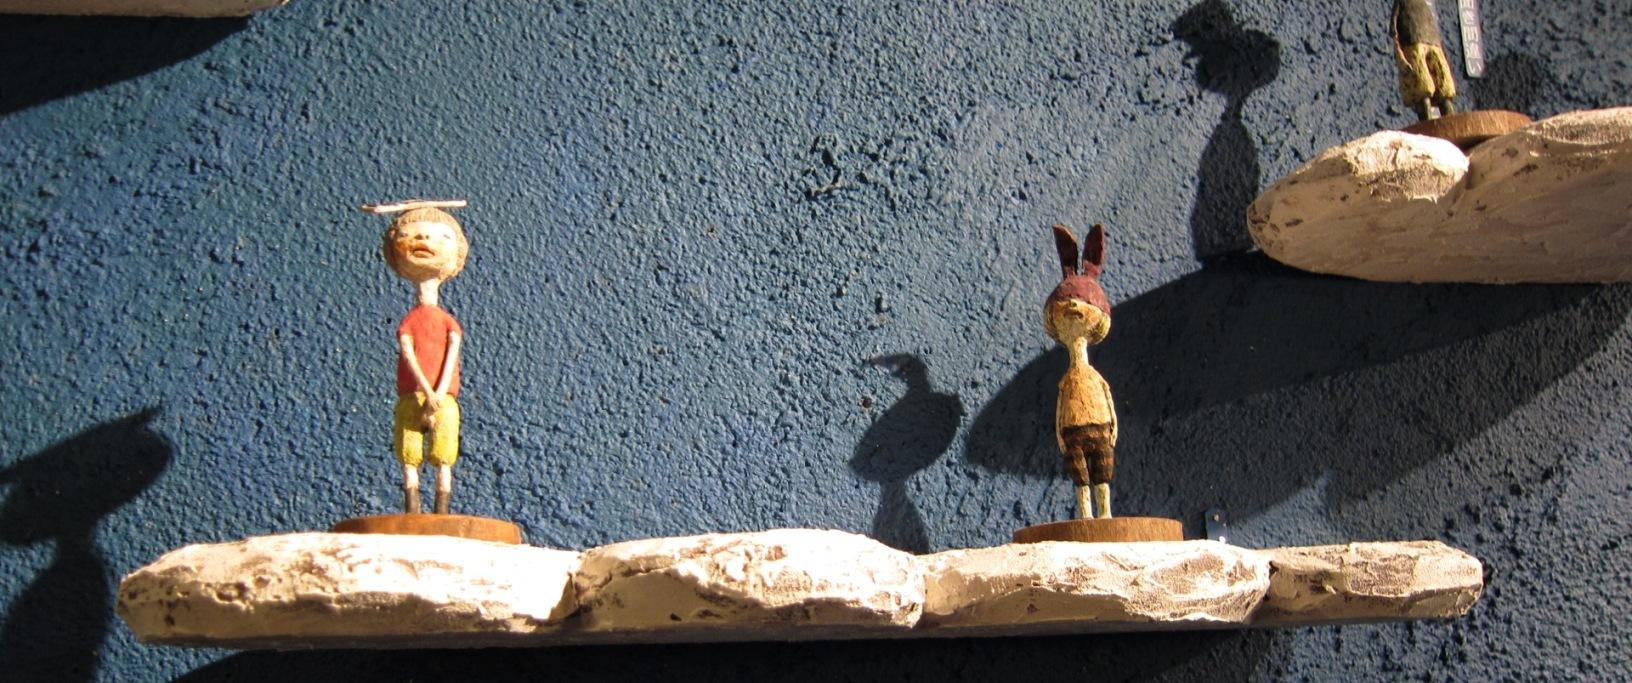 2207)「経塚真代 KEIZUKA MASAYO 造形作品展 『ちいさくて見えない星』」エスキス 9月5日(木)~10月1日(火)_f0126829_10431091.jpg